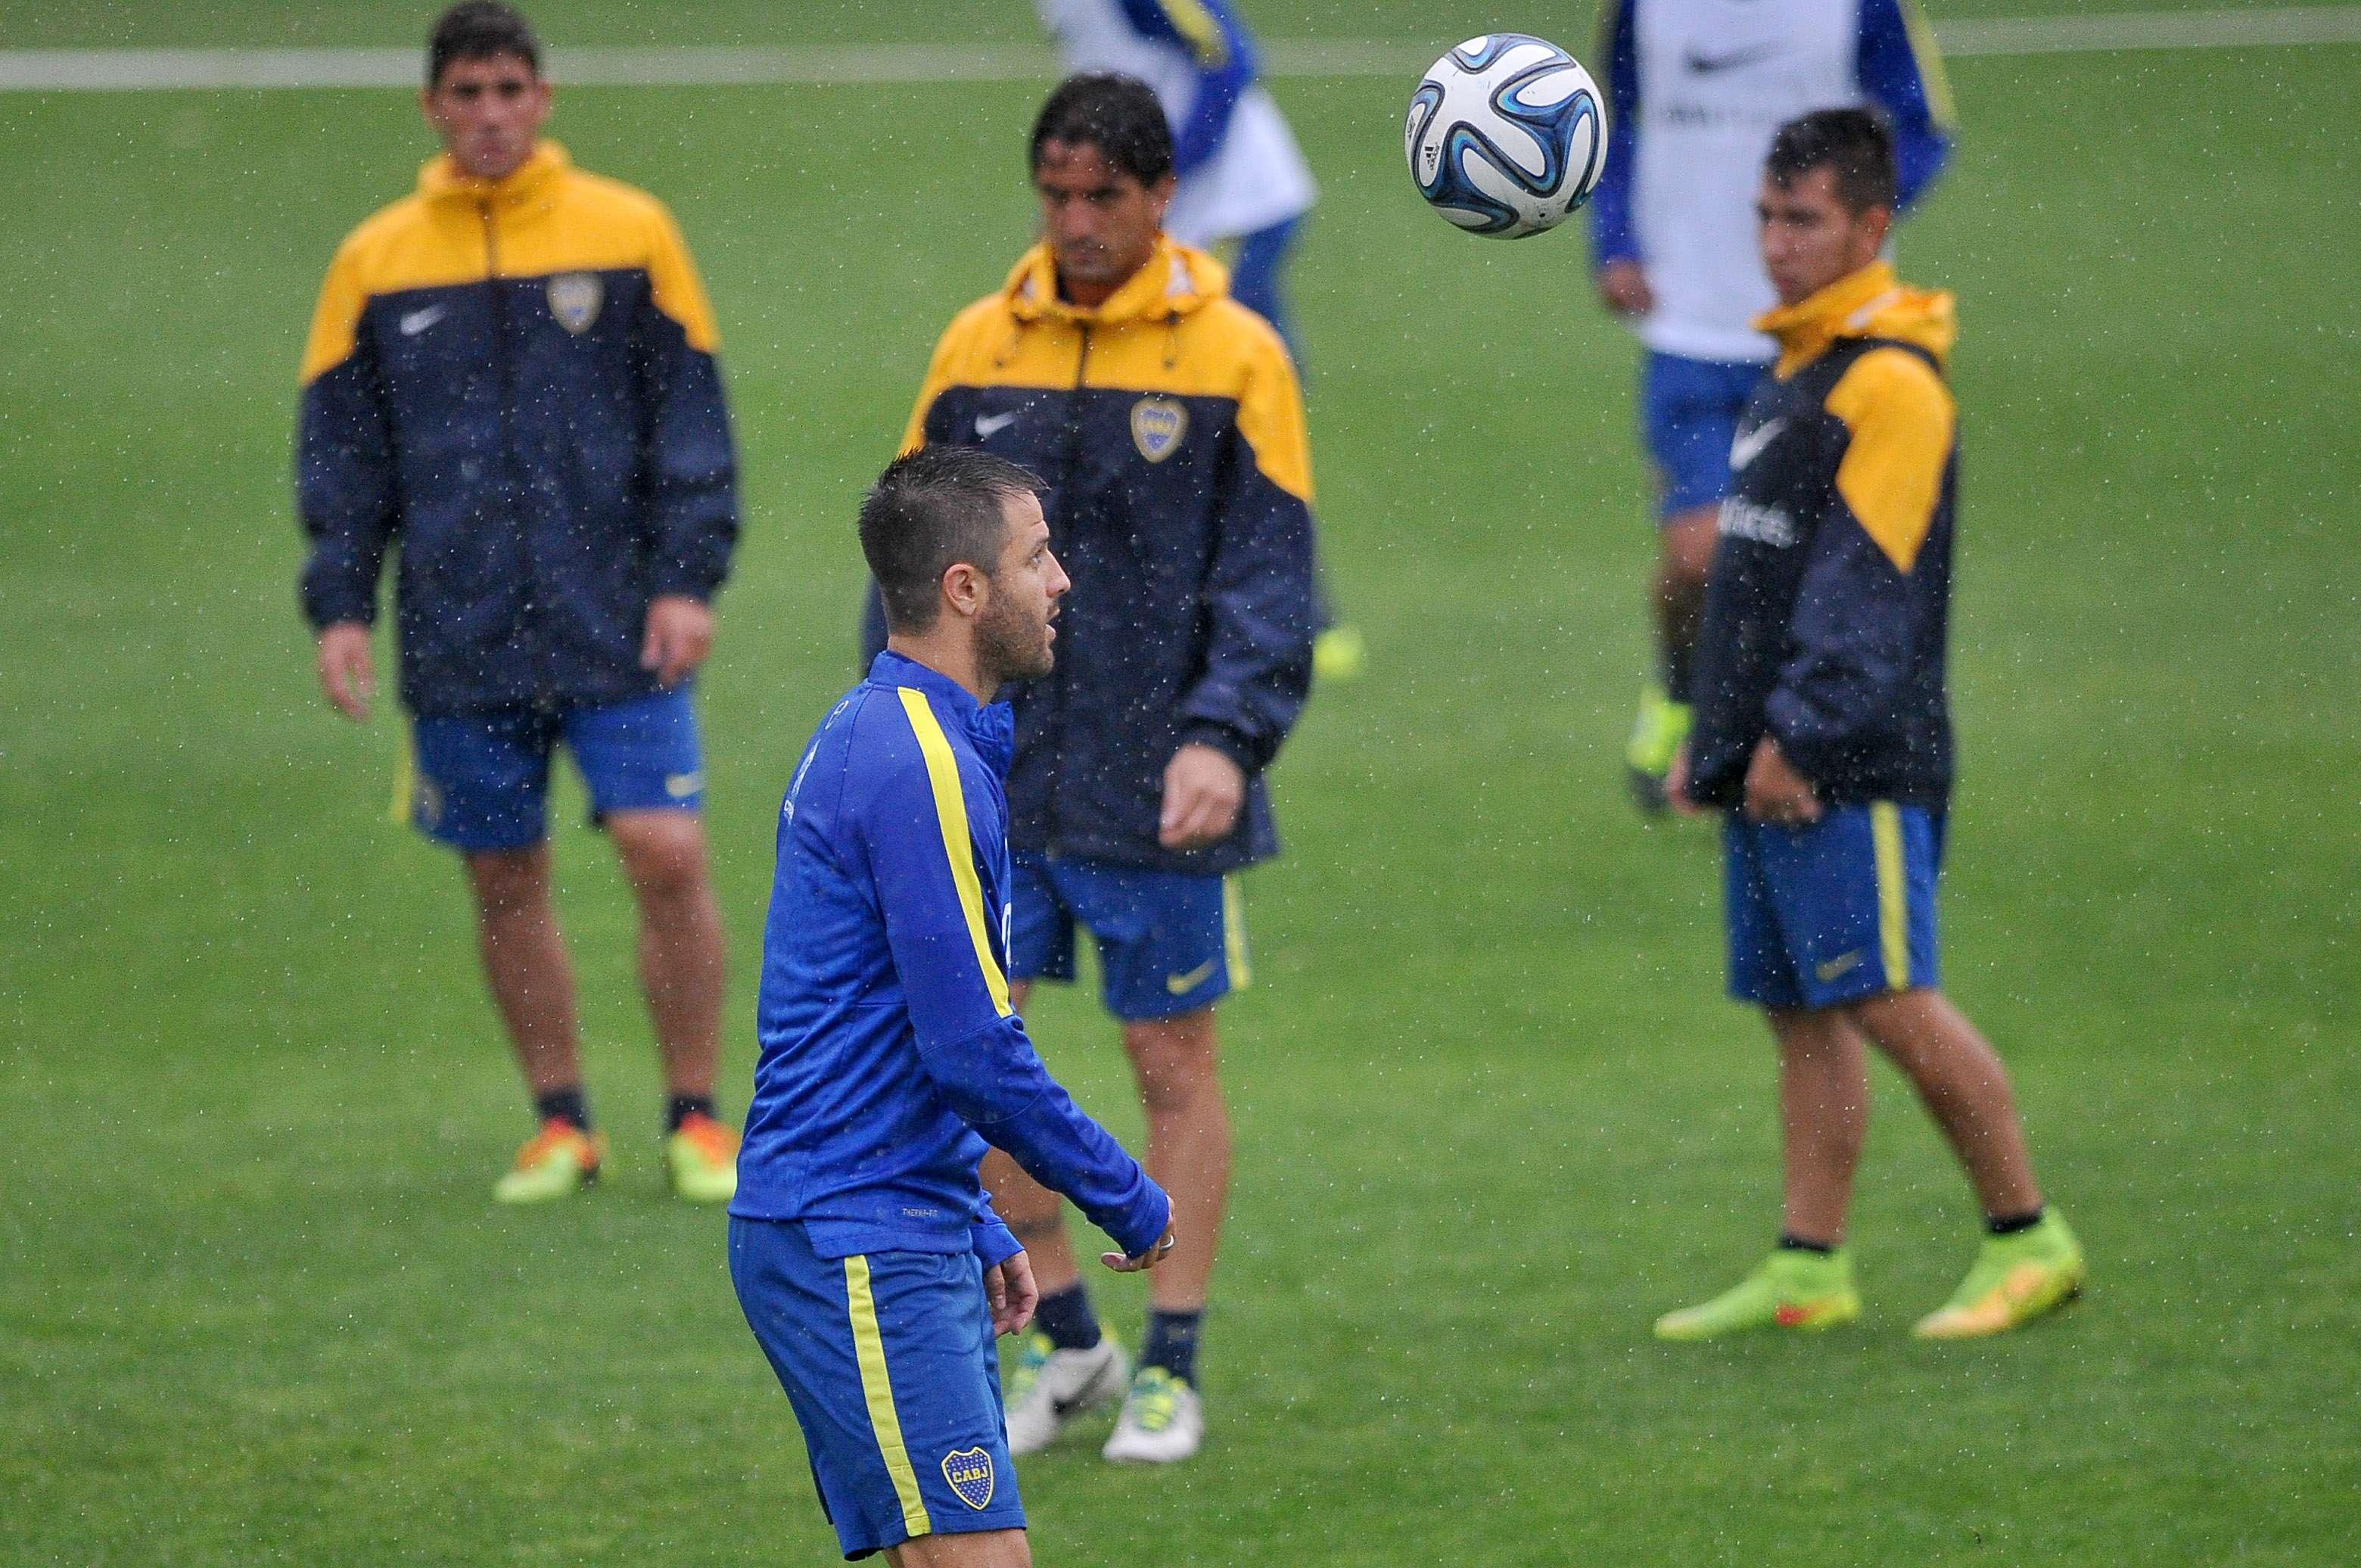 Los jugadores que no participaron del partido de ayer entrenaron esta mañana bajo la lluvia en Casa Amarilla. Foto: Agencias